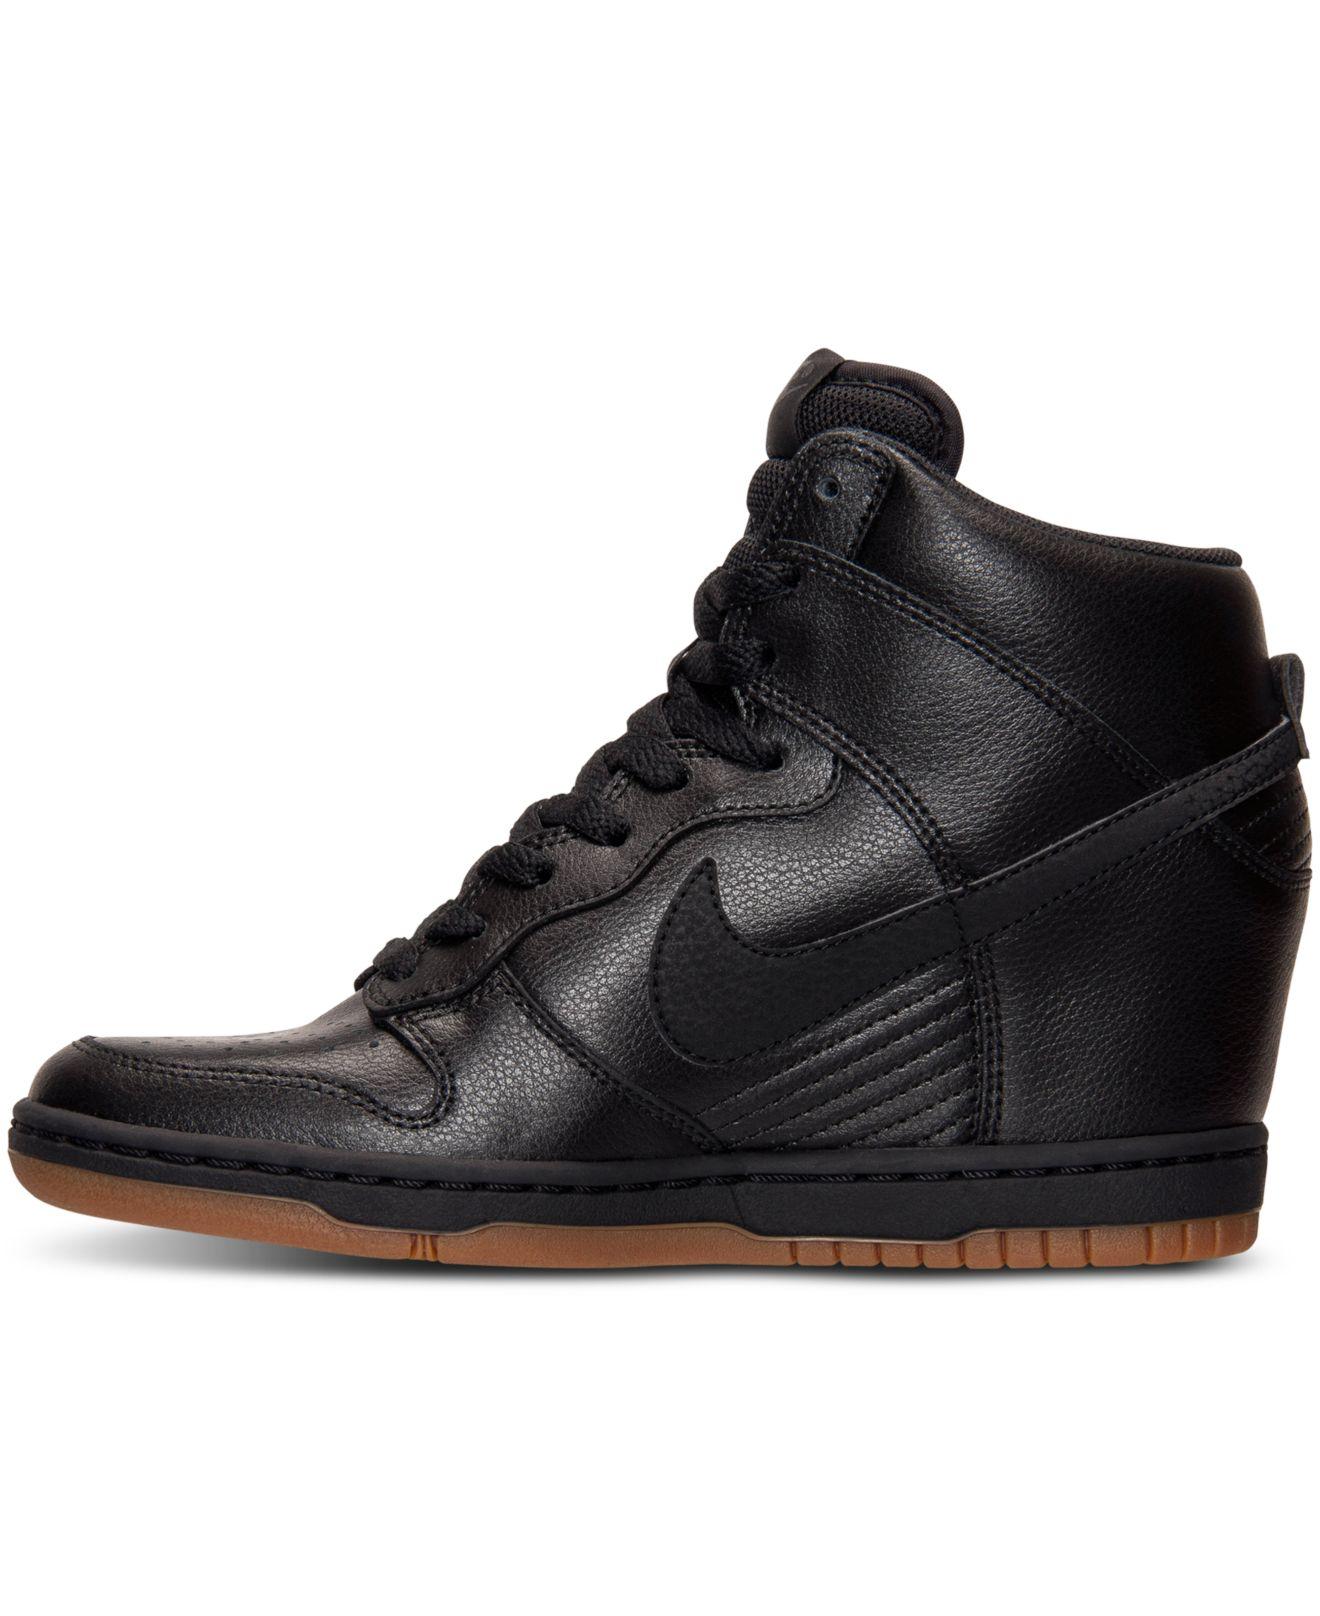 topowe marki sprzedawca hurtowy przedstawianie Dunk Sky Hi Essential Leather Sneakers